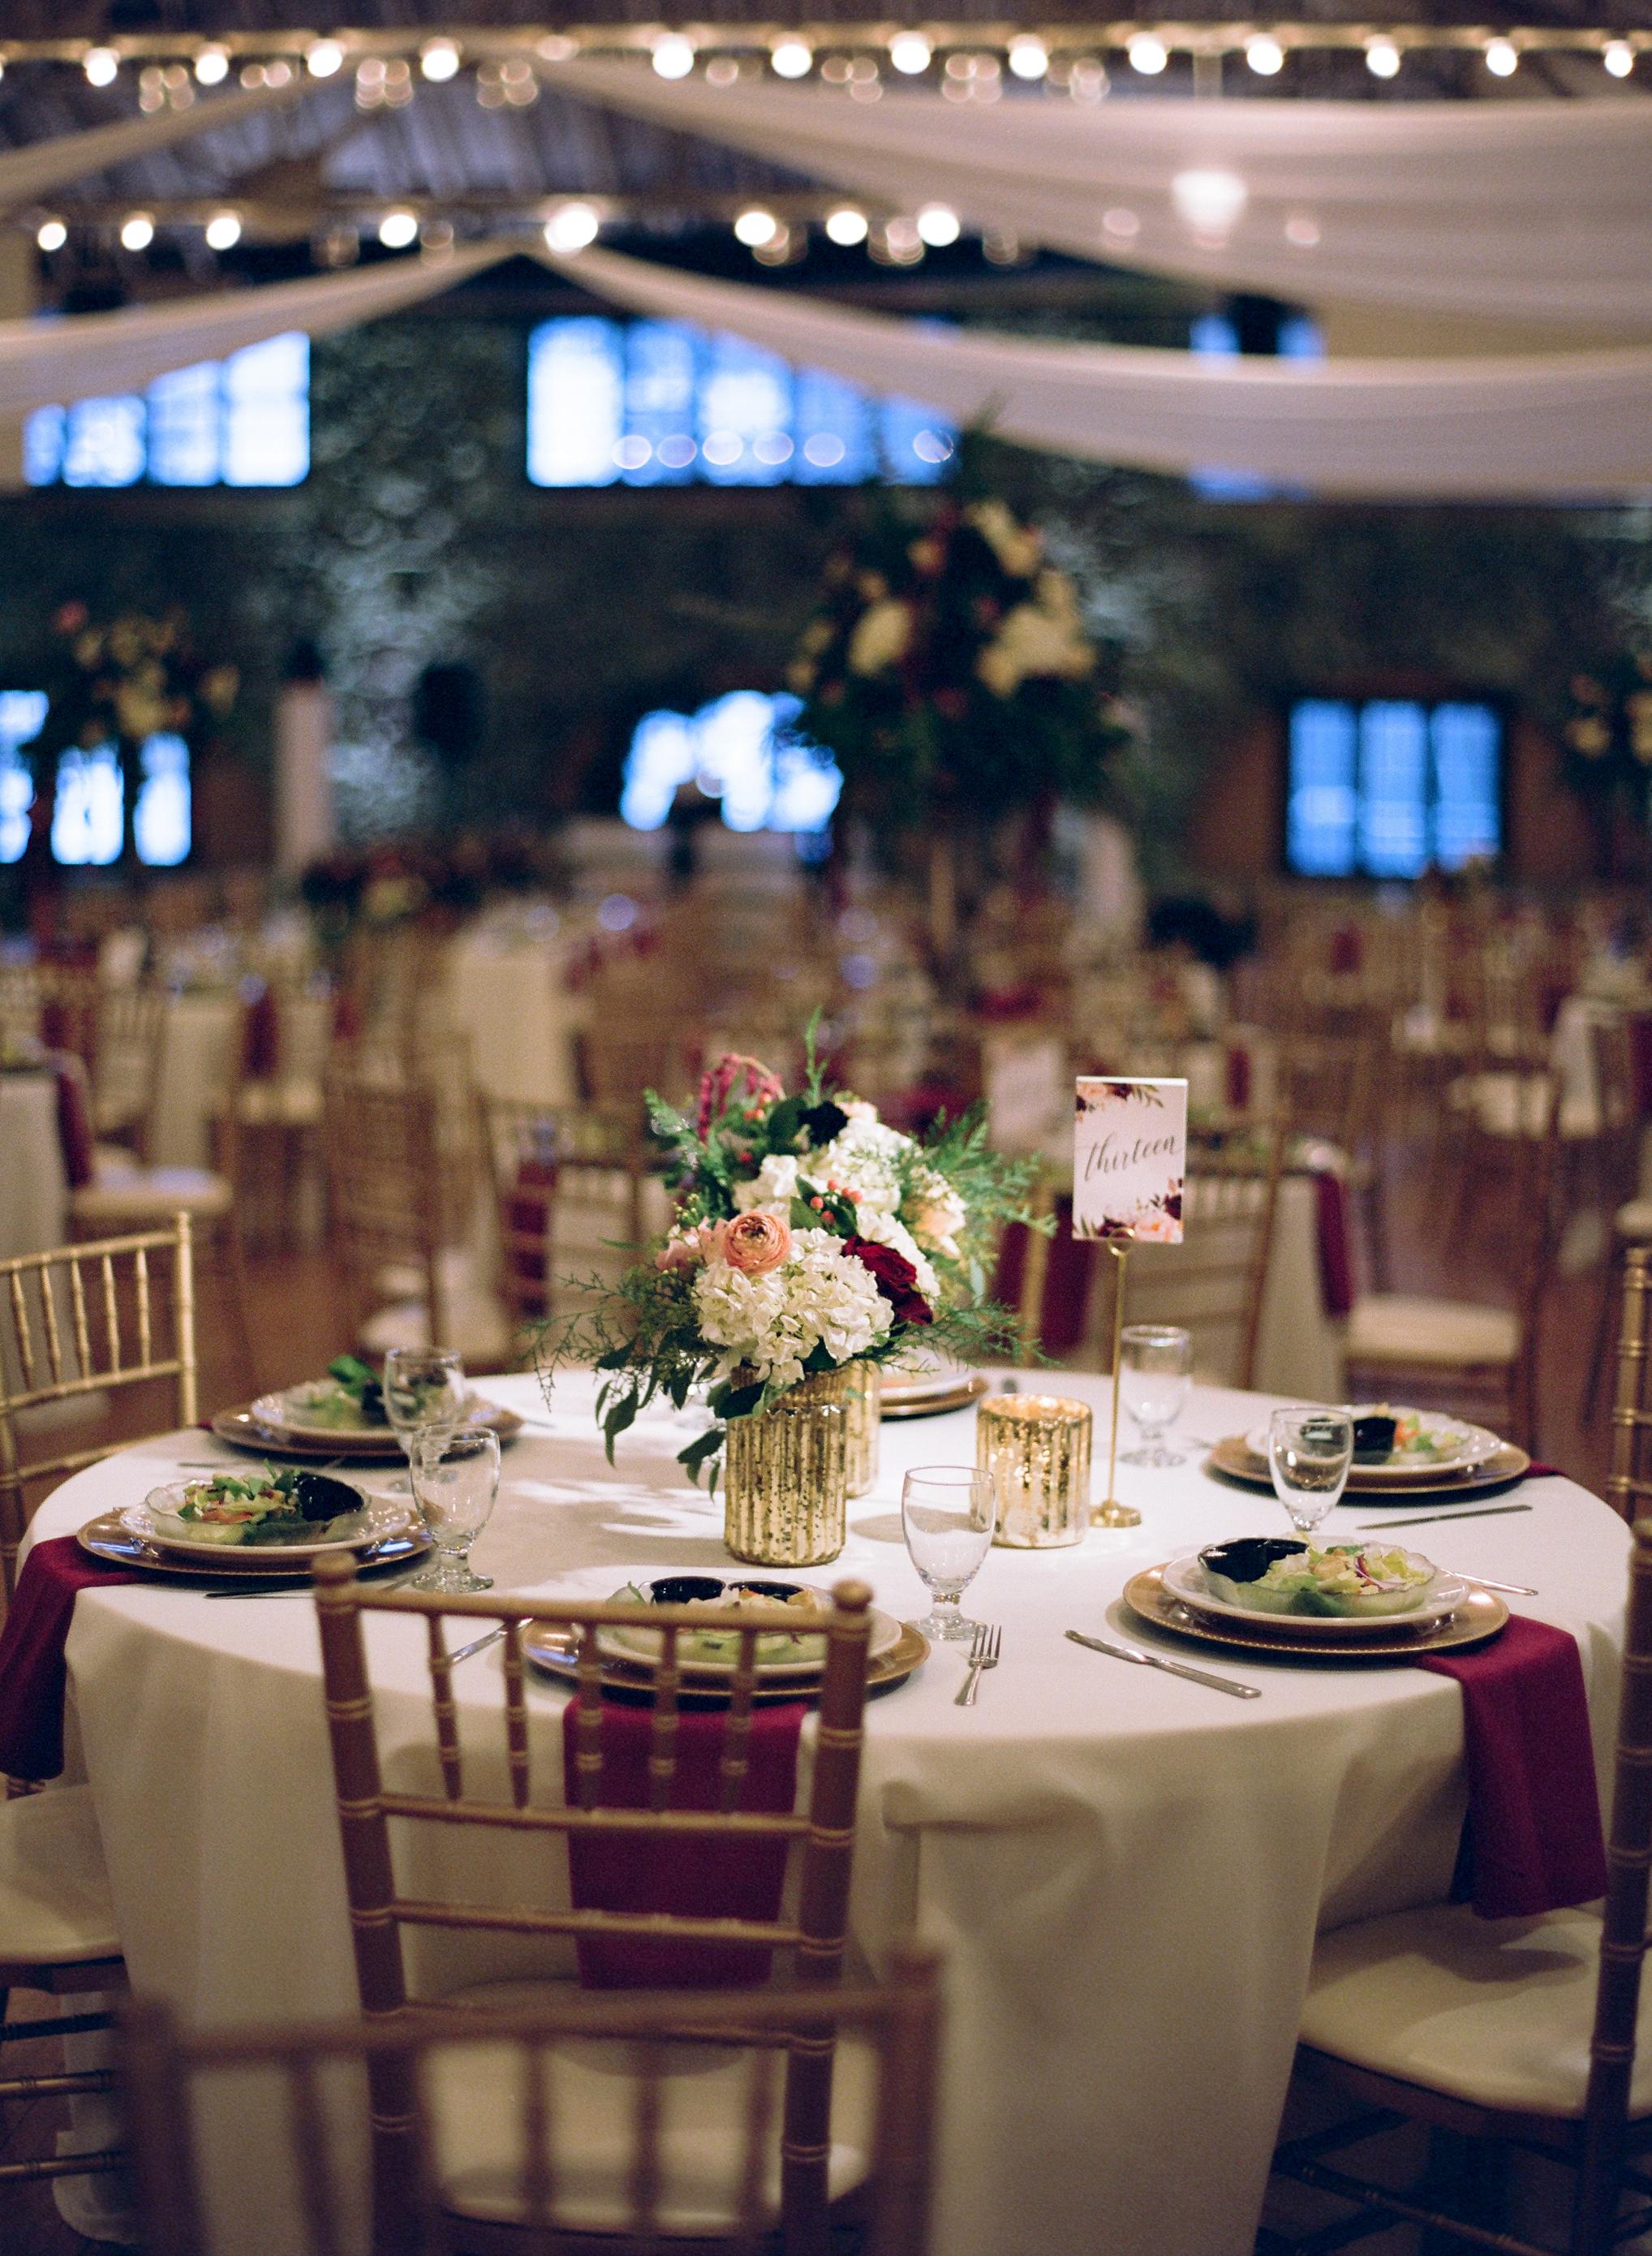 524-rothschild-pavilion-winter-wedding.jpg